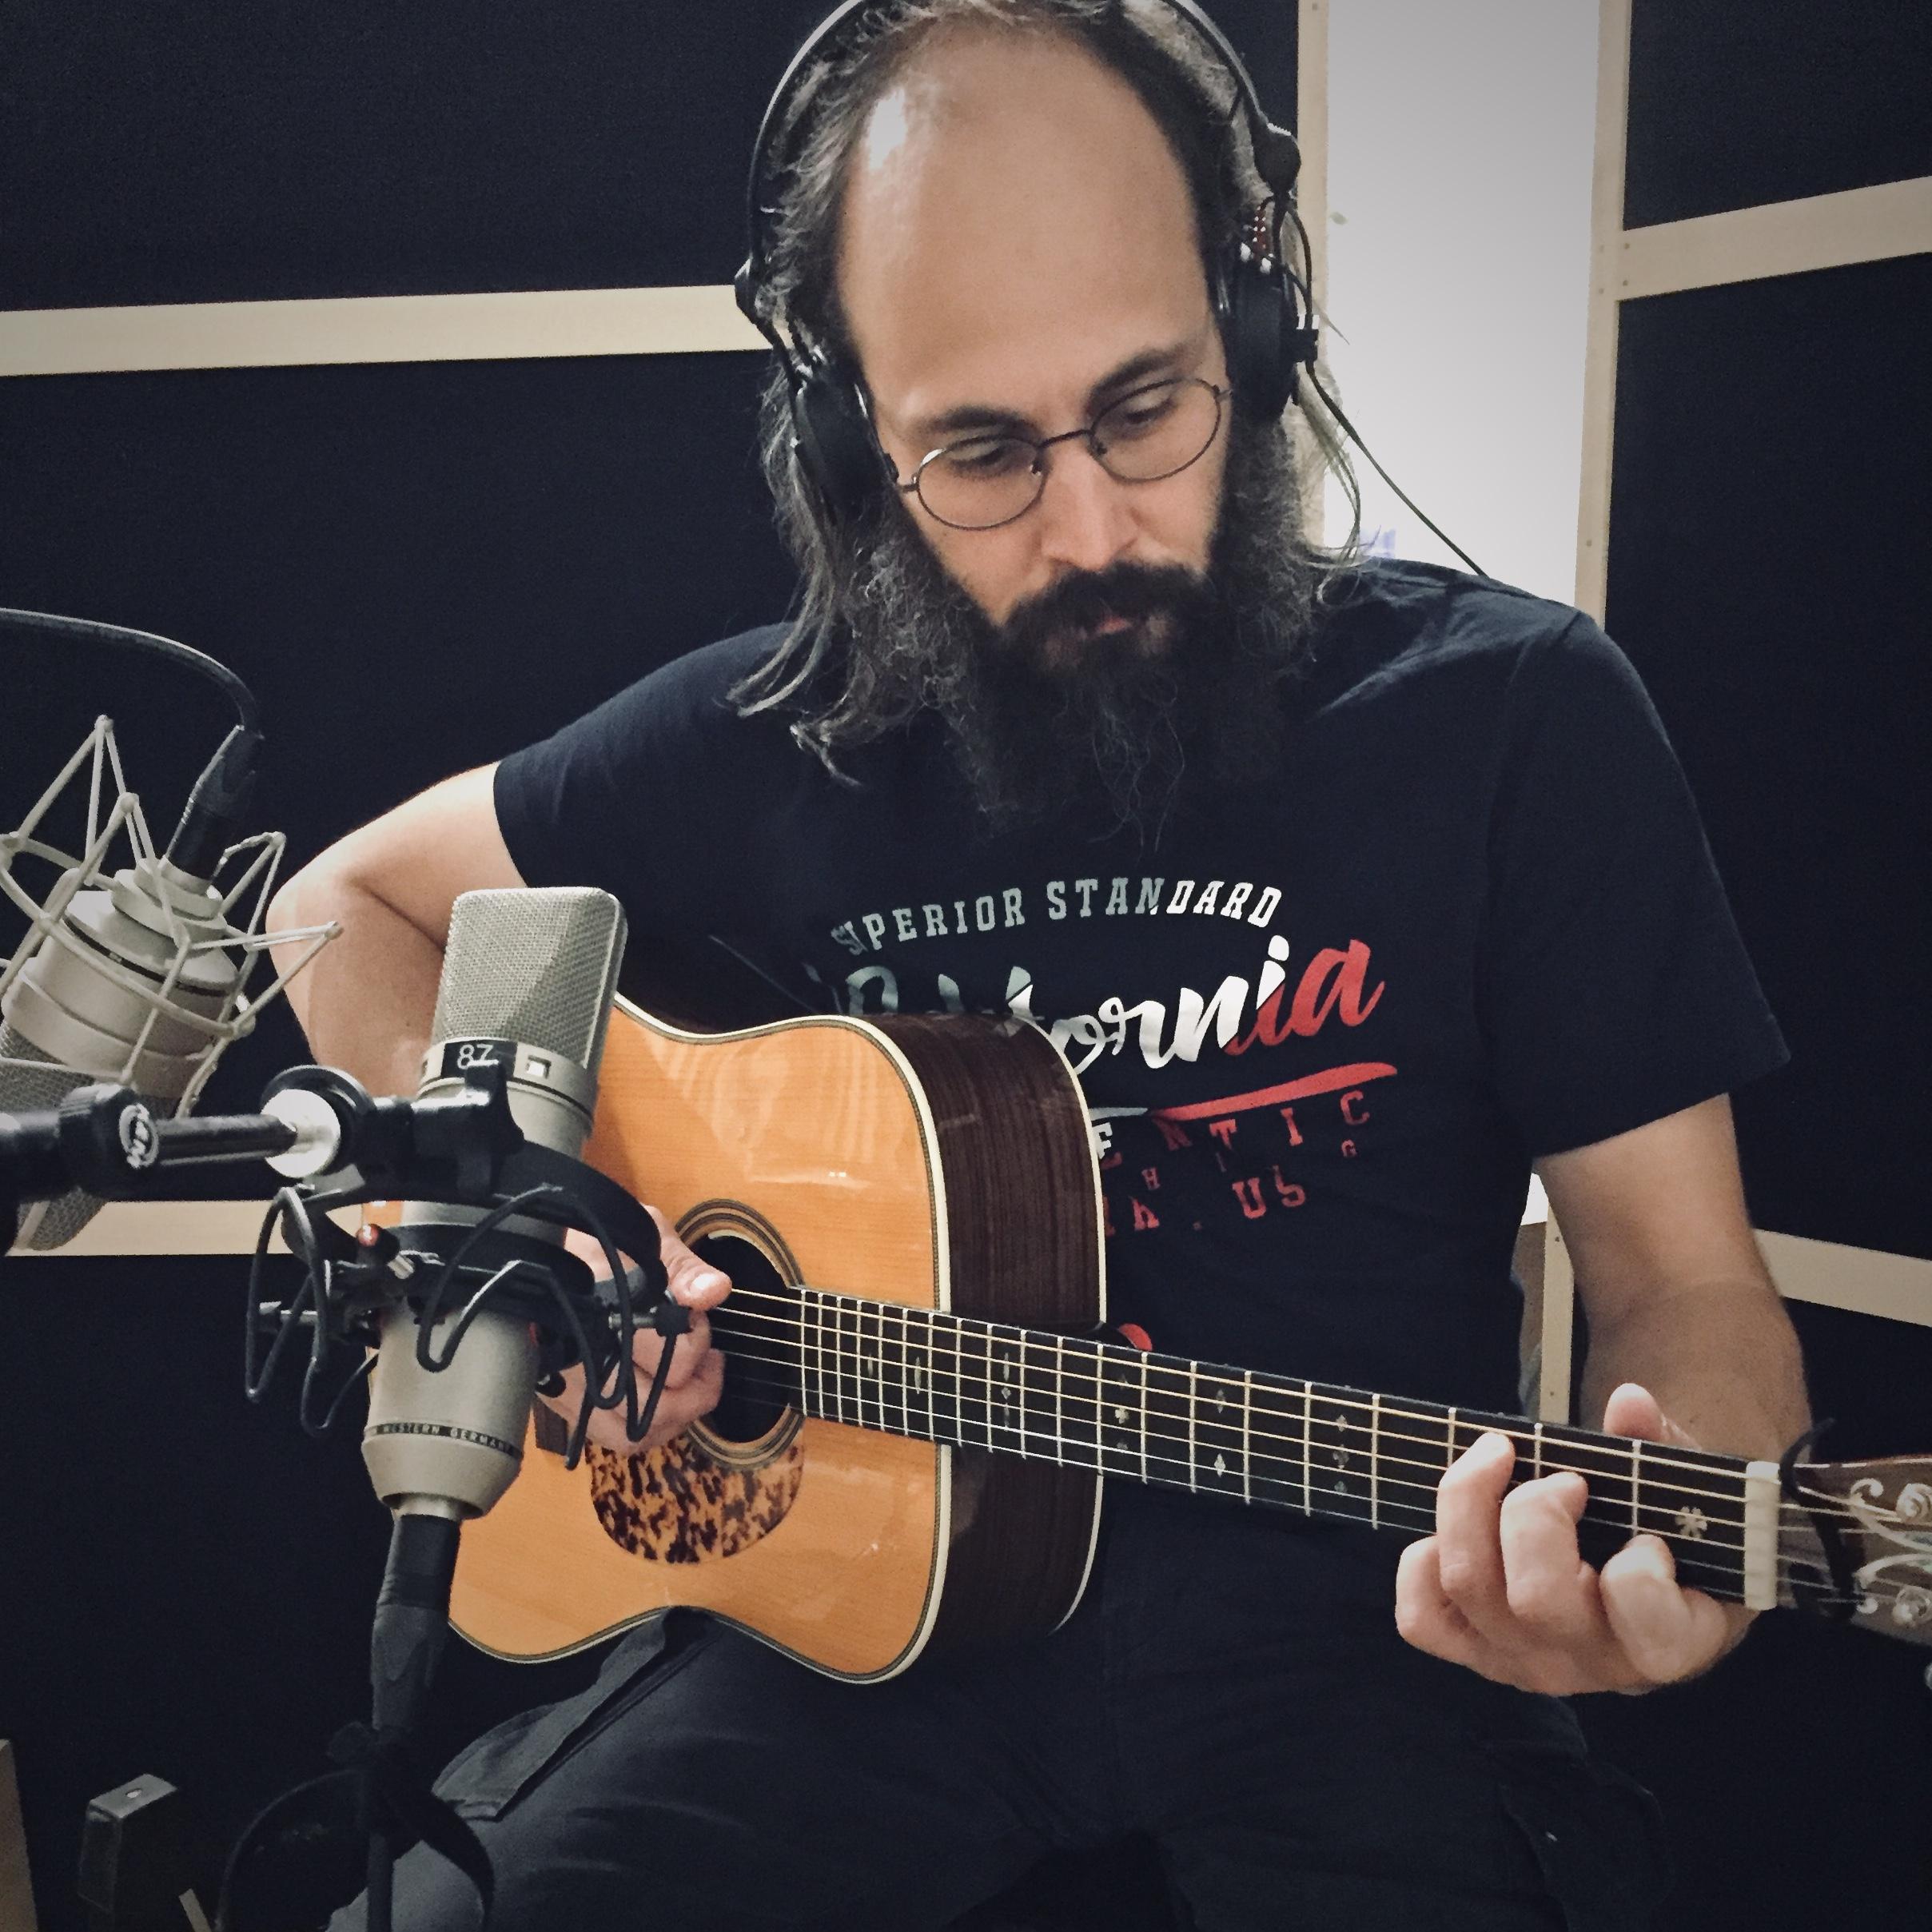 Ändu Schmid Soundlab Studios Wurzuwärch Worship